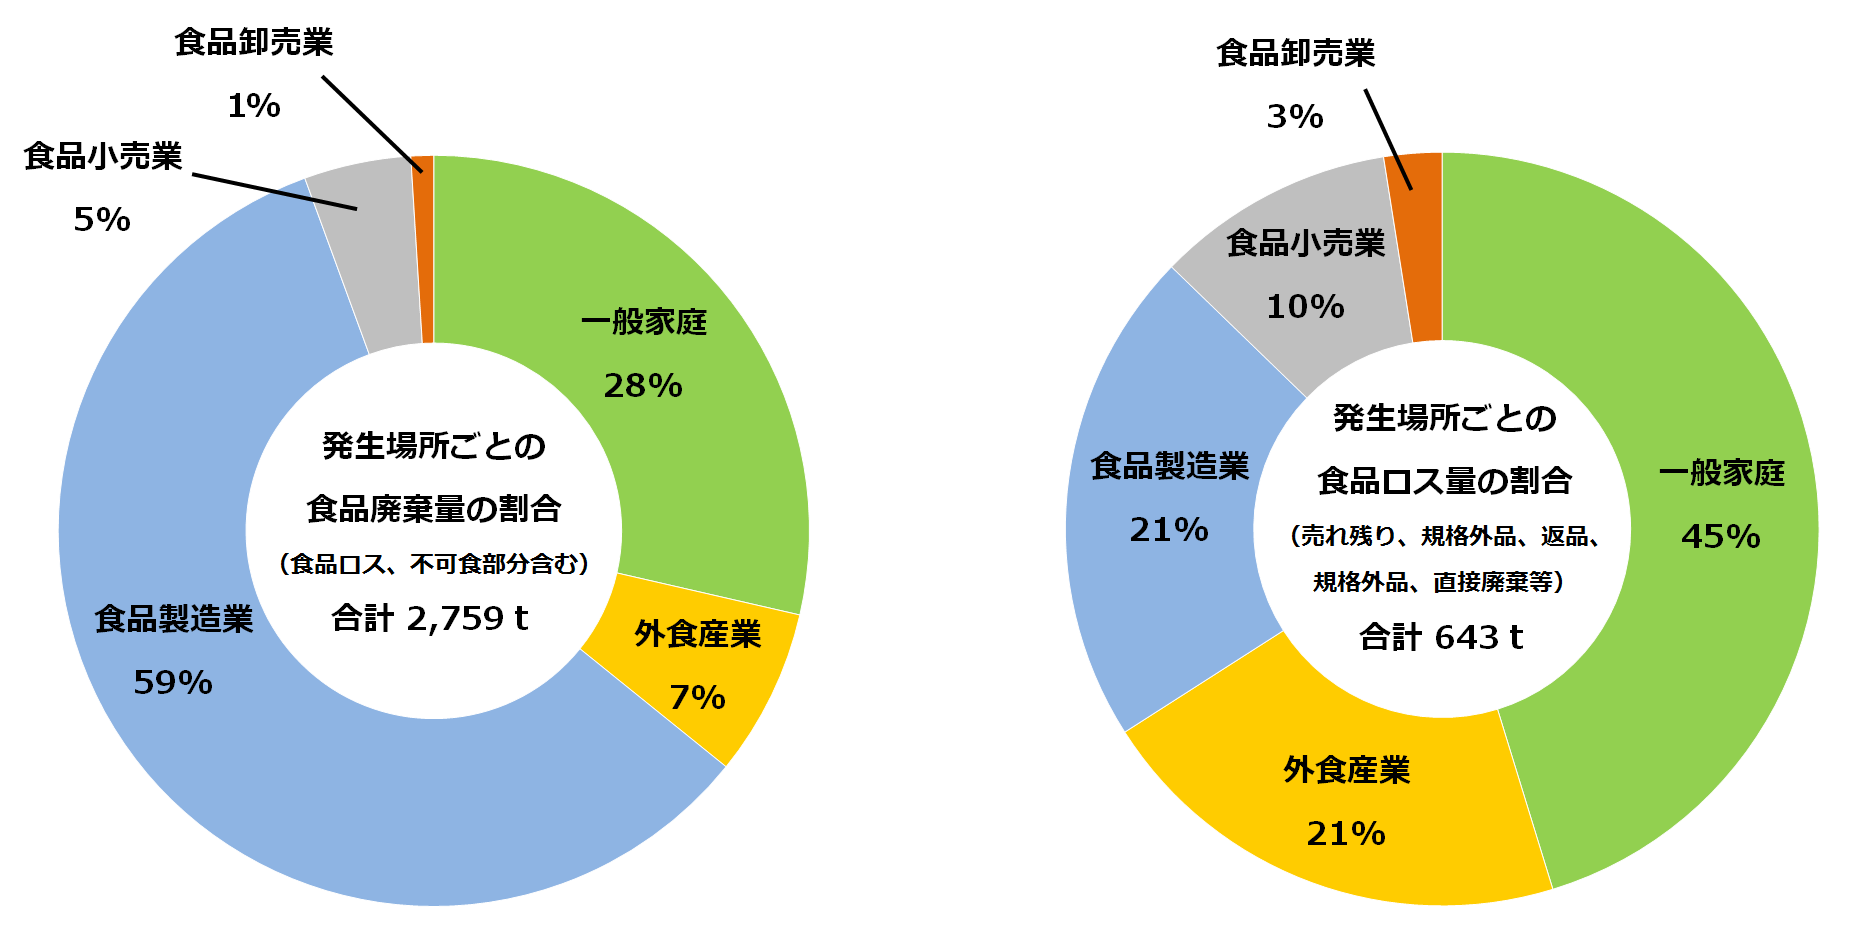 『食品ロス円グラフ』の画像